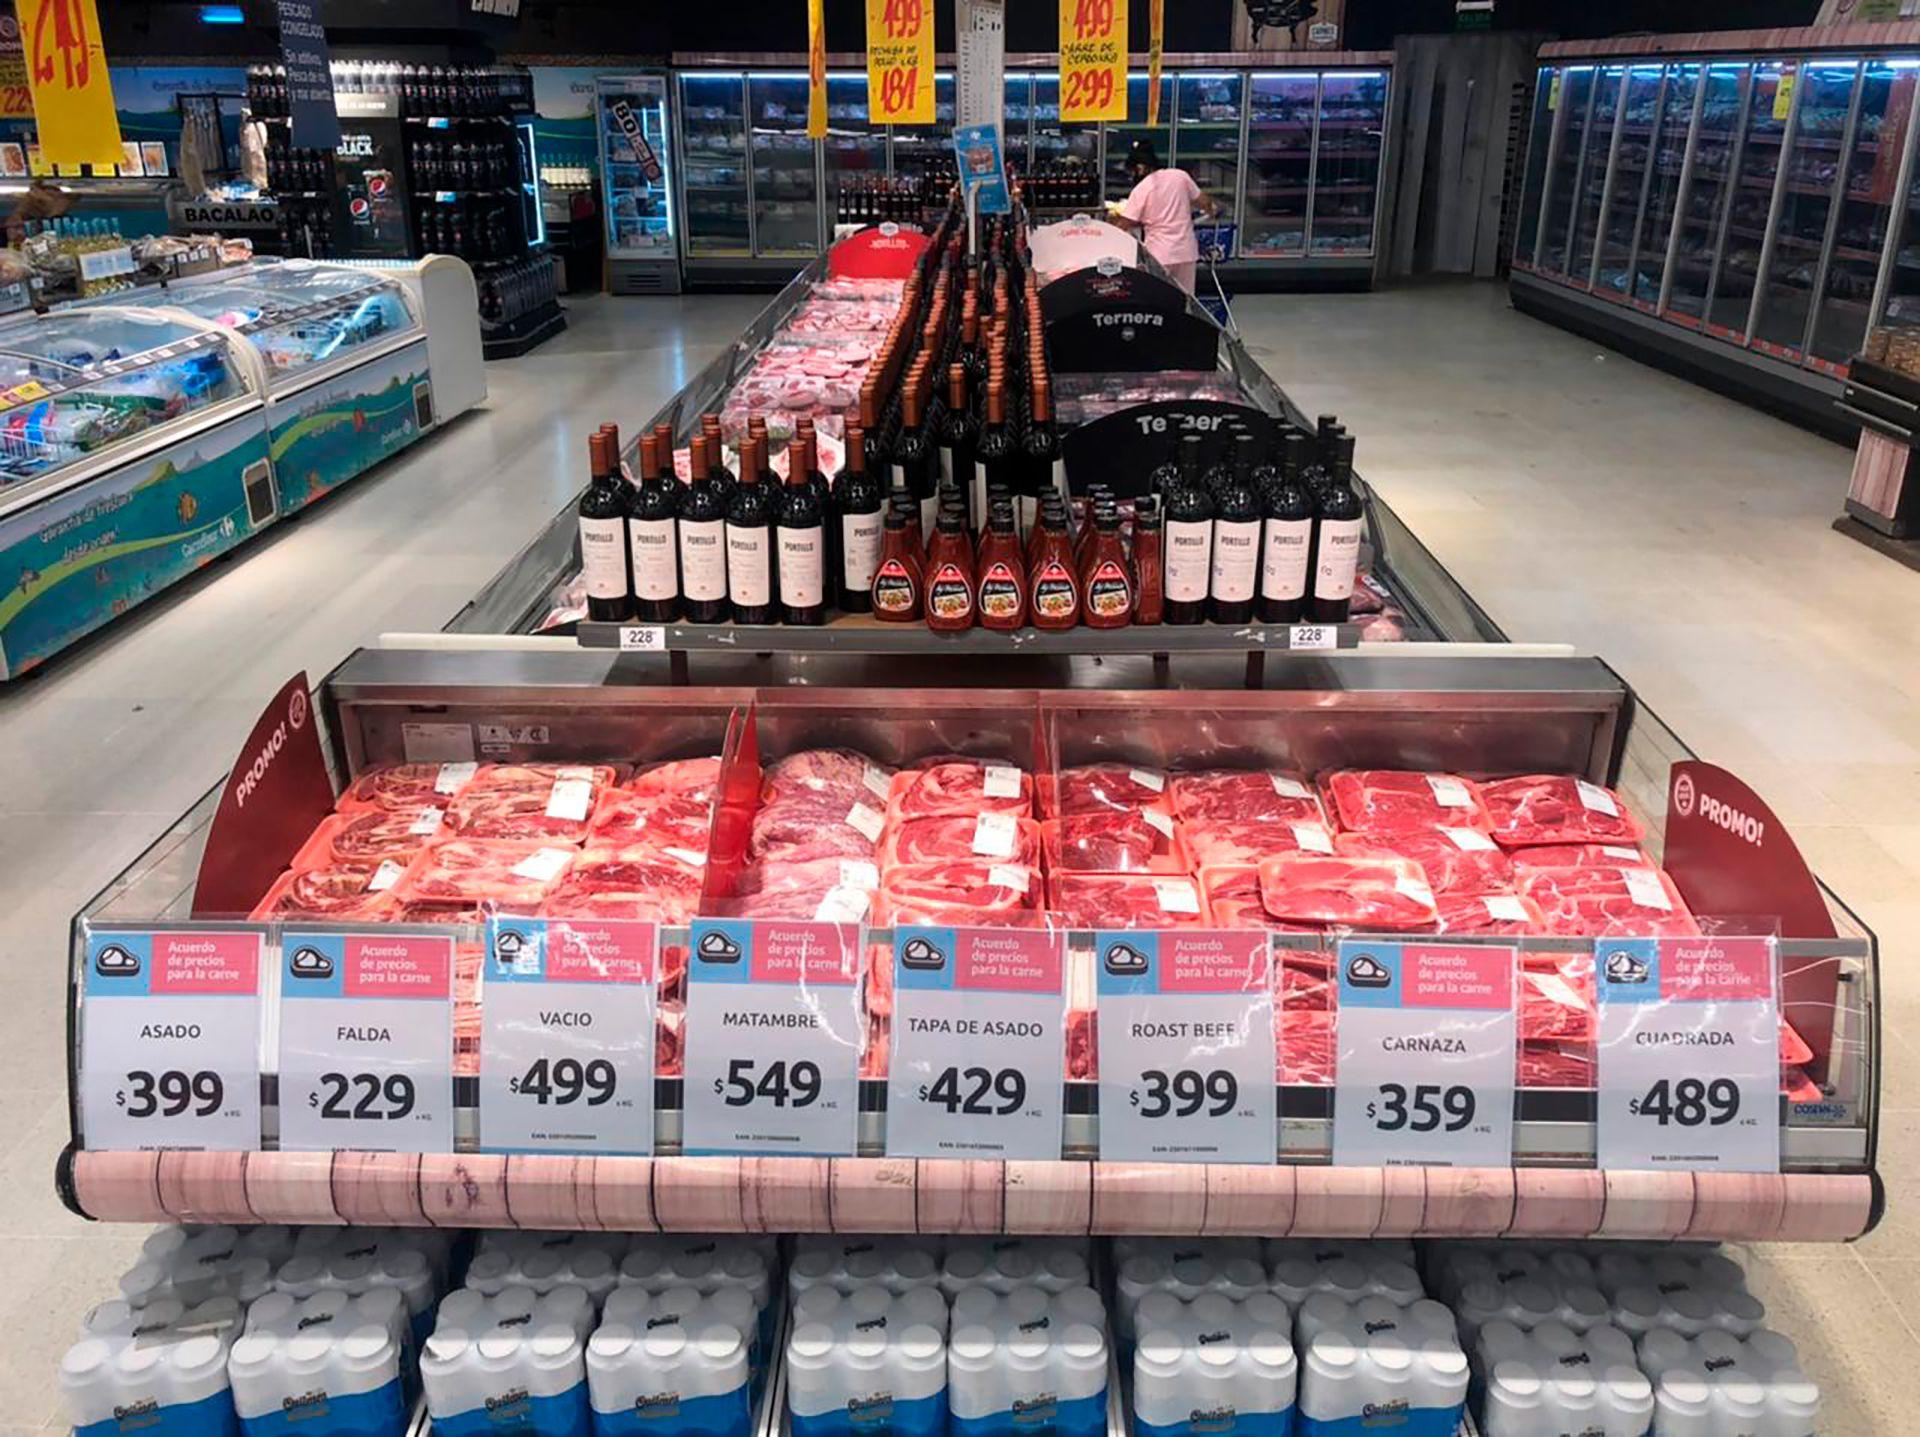 Carne precios populares supermercados frigoríficos